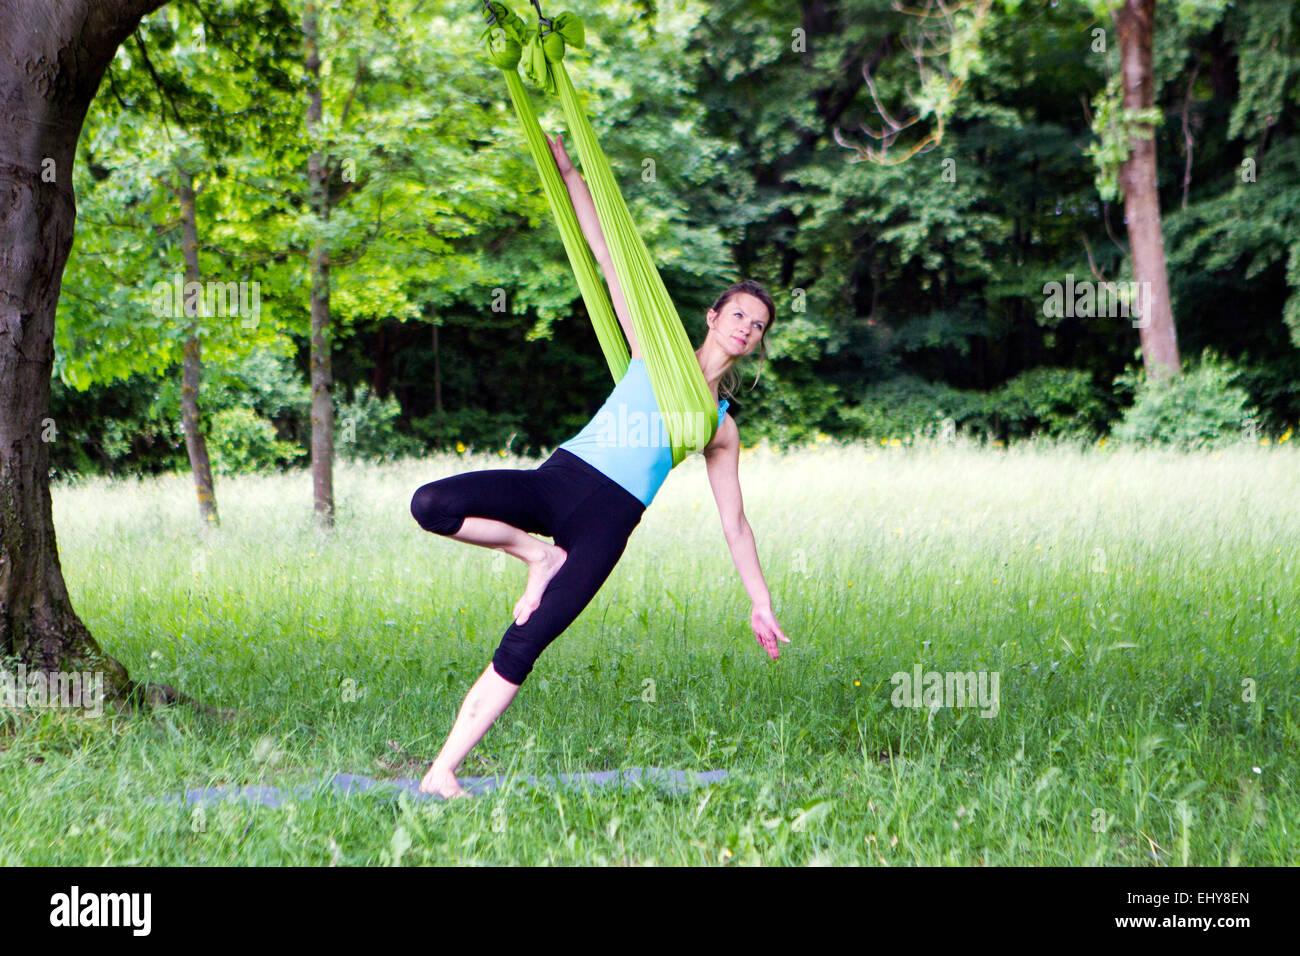 Junge Frau tut stretching-Übungen mit Gummiband, München, Bayern, Deutschland Stockbild